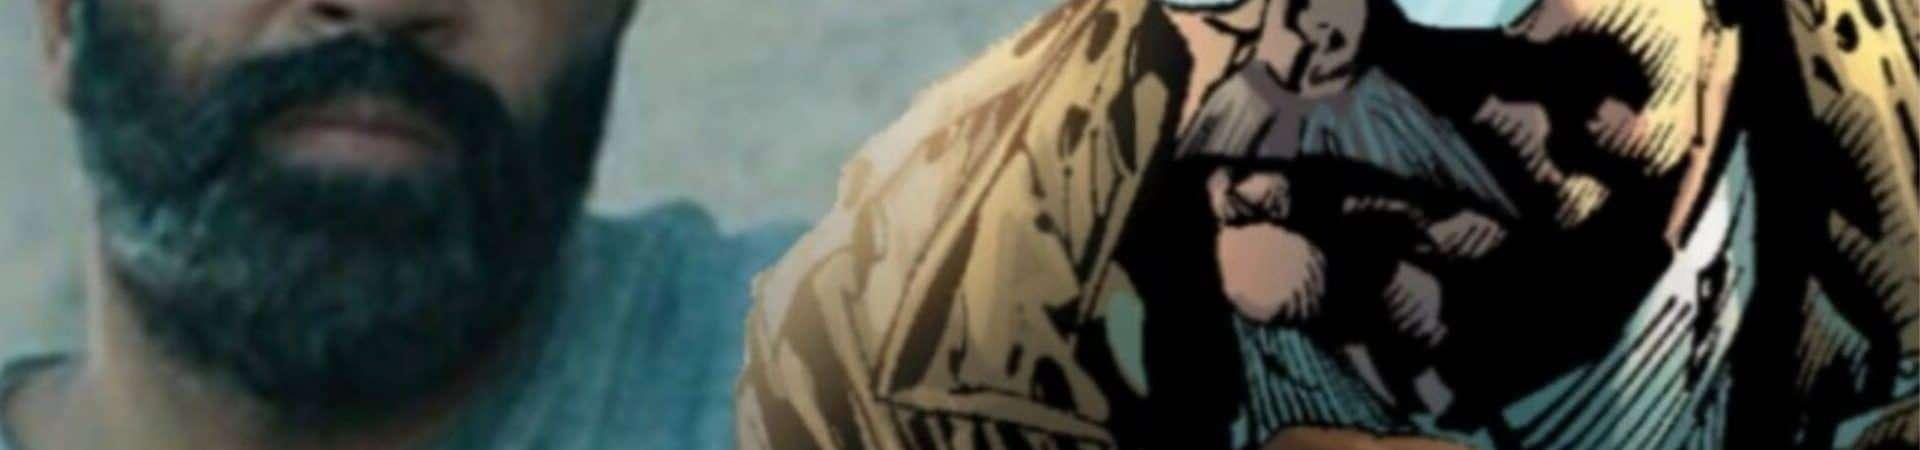 Jeffrey Wright será Jim Gordon no filme 'The Batman' e em série derivada para o HBO Max. Imagem: Warner Bros./Reprodução